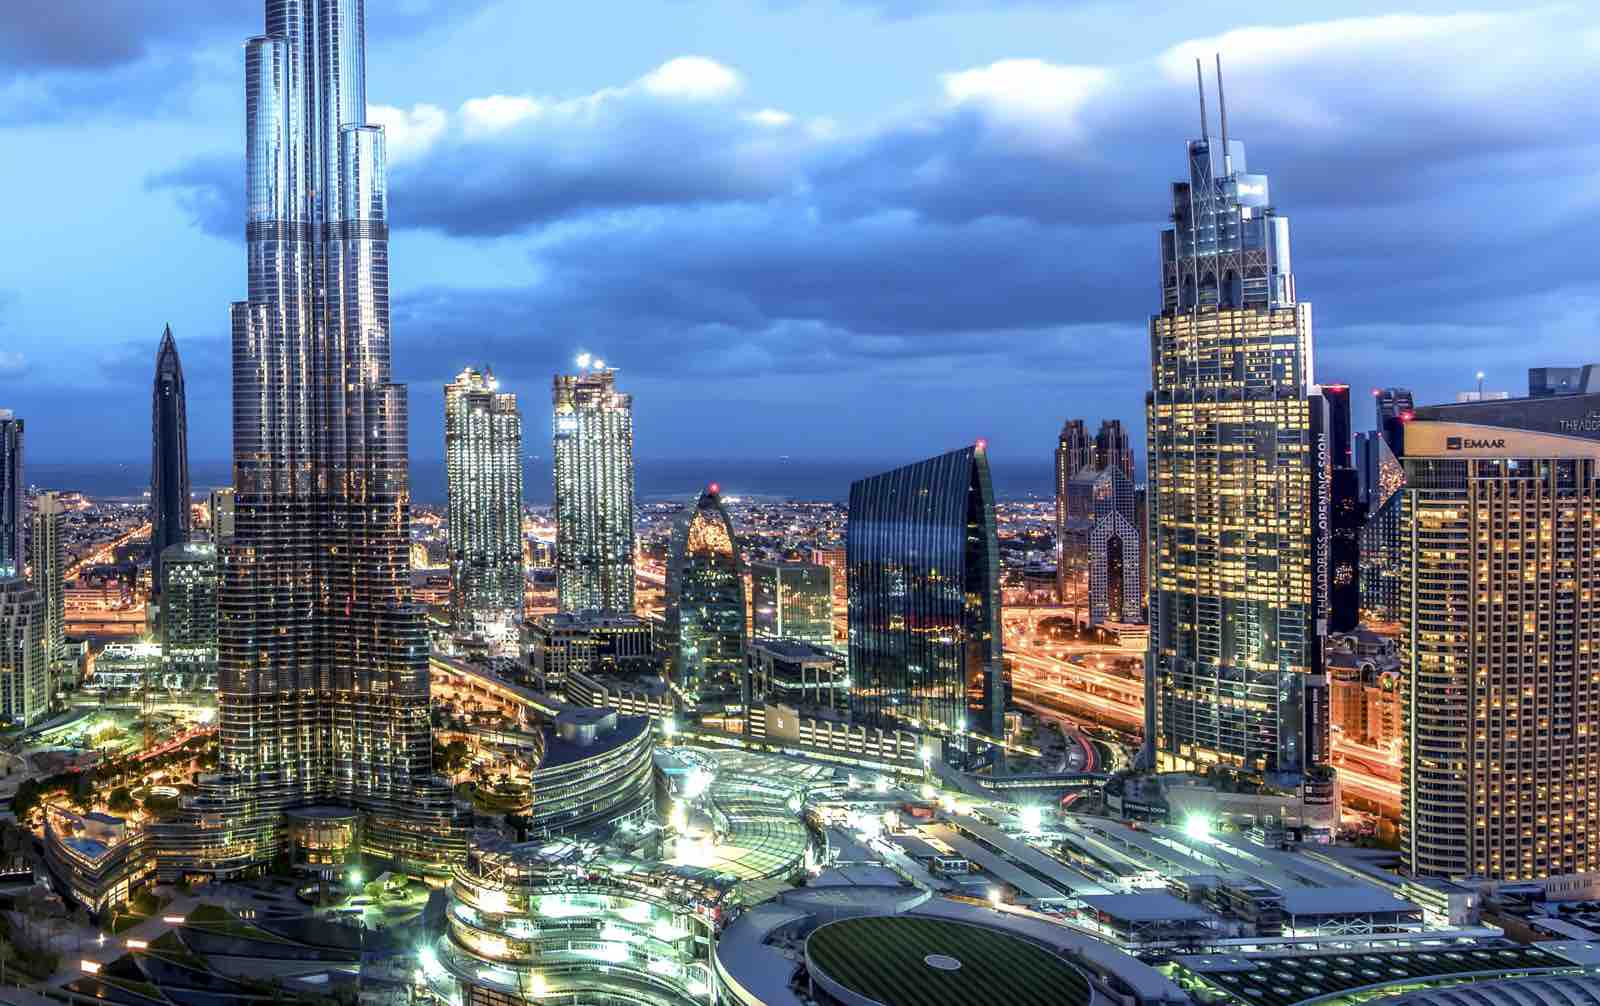 Her er noe du sikkert ikke visste om Dubai